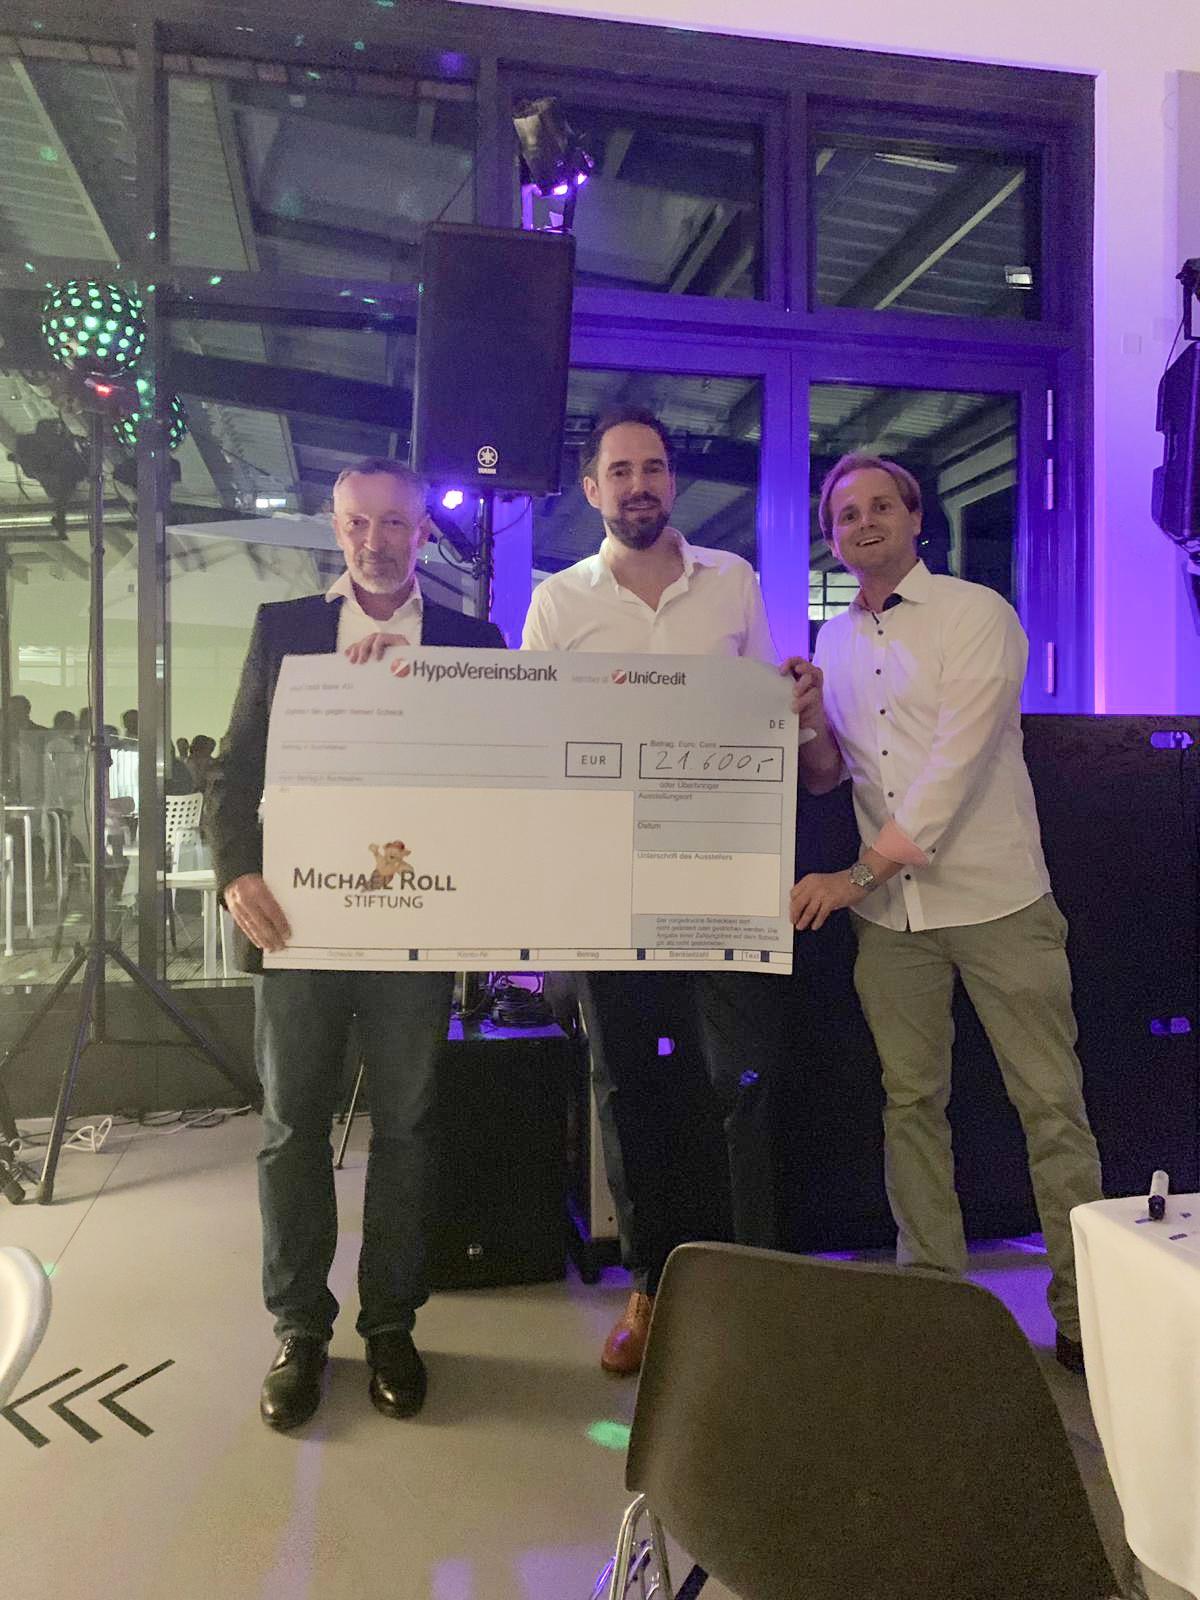 21.600 € für die Michael Roll Stiftung